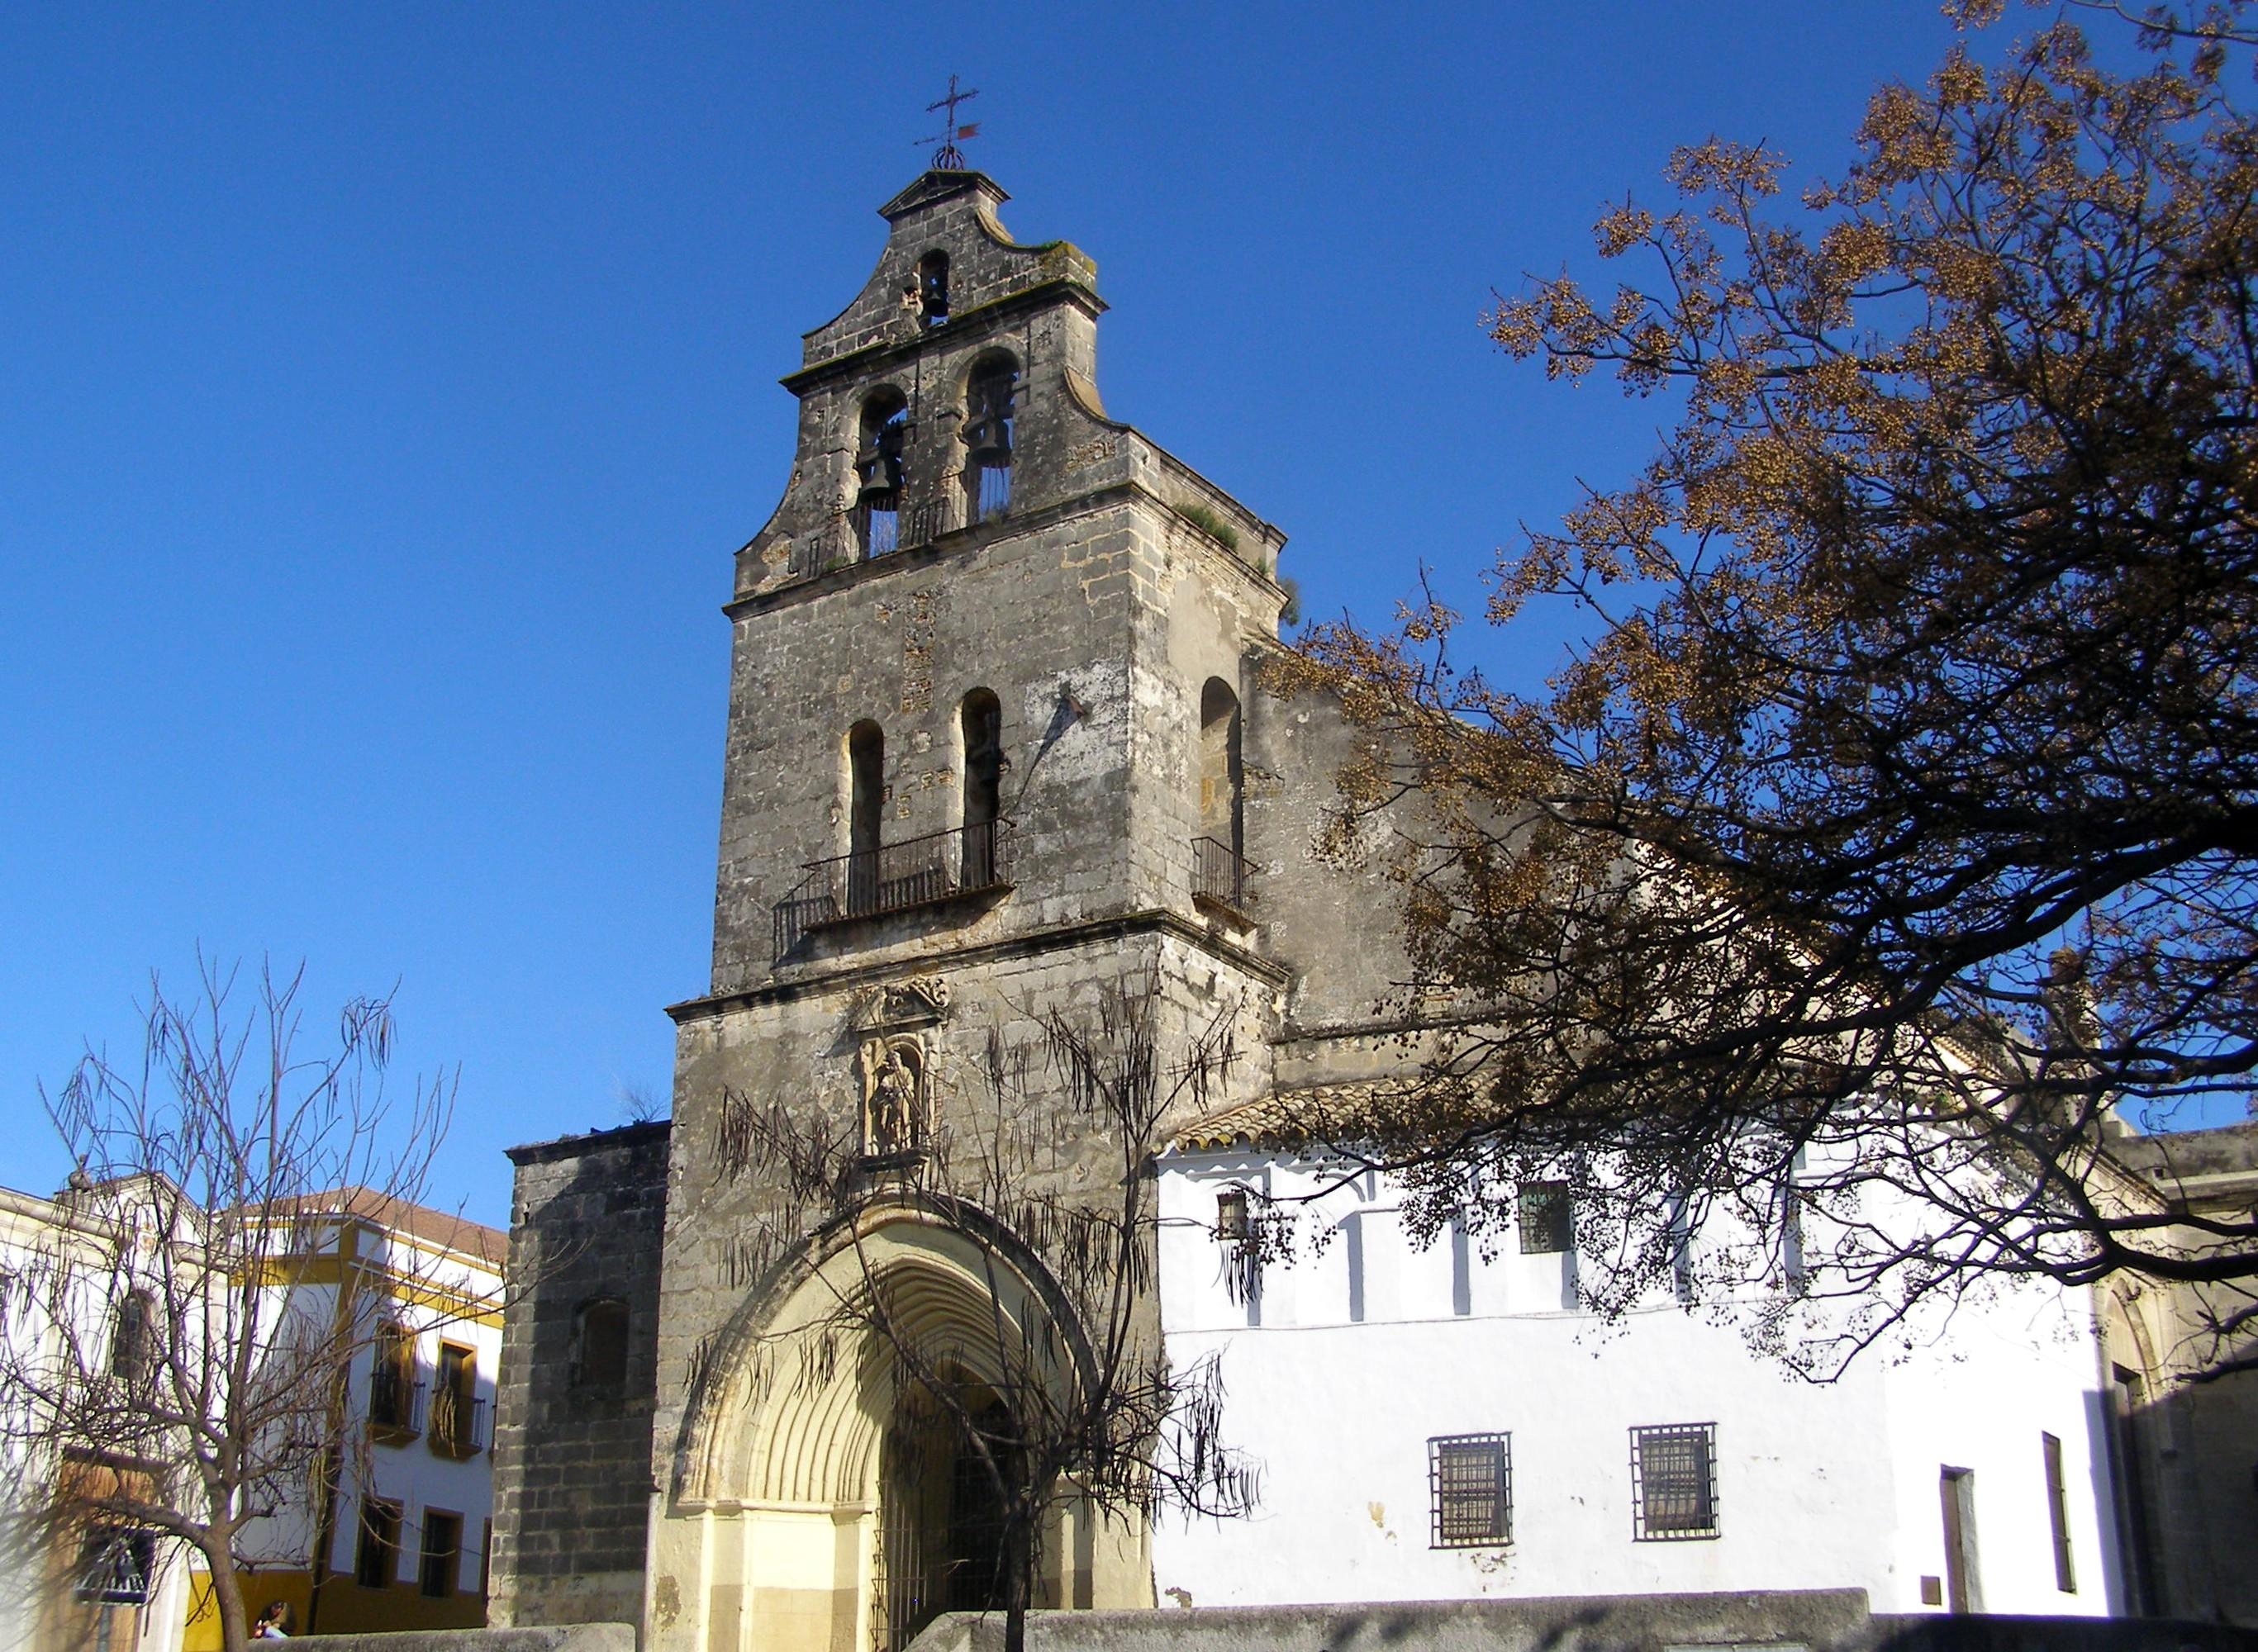 Jerez de la Frontera Spain  city images : Description San Lucas Iglesia Jerez de la Frontera Spain